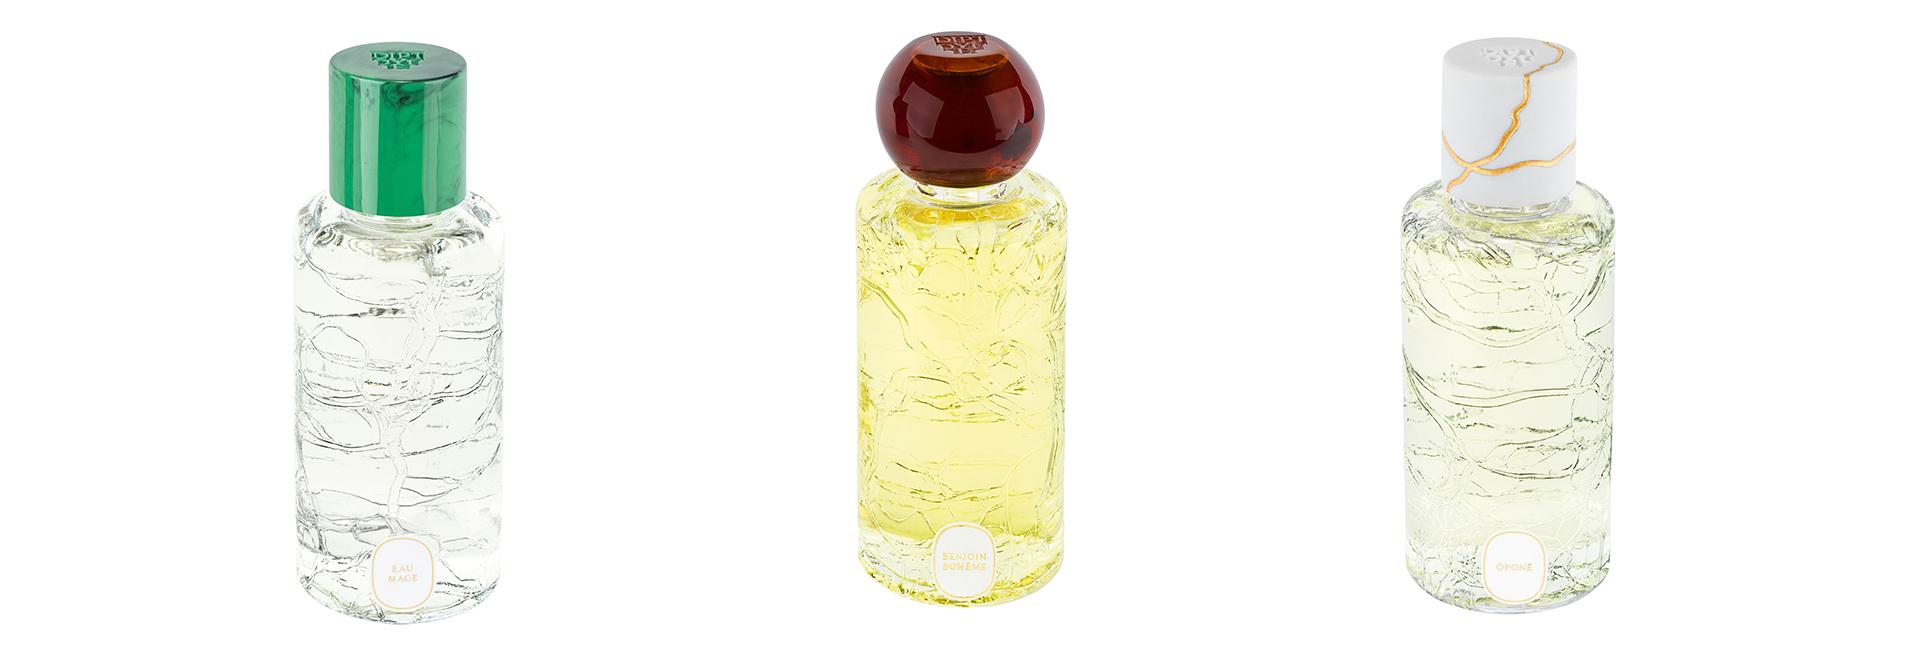 eau-diptyque-collection-34-blog-beaute-soin-parfum-homme